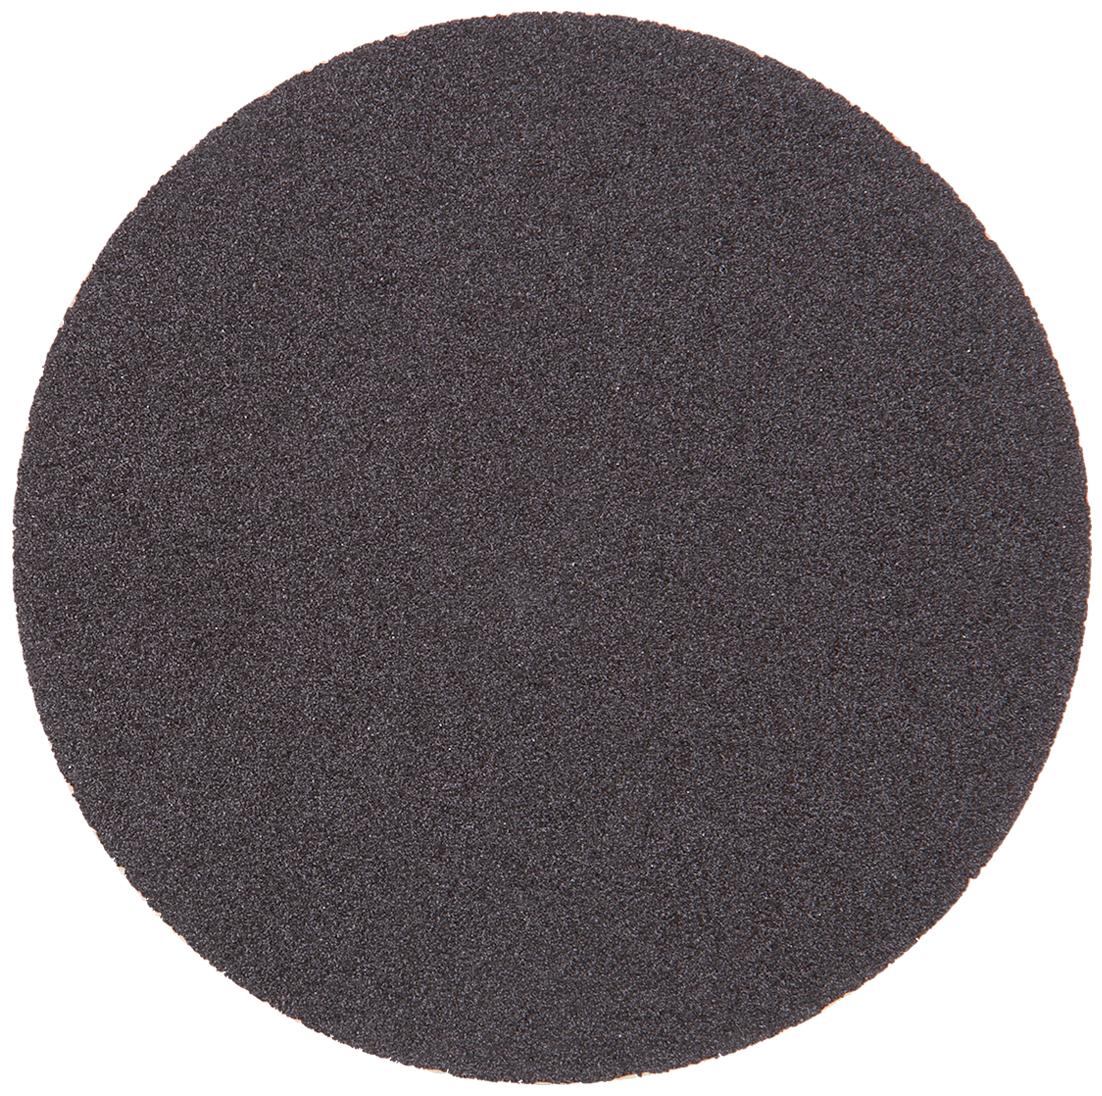 DEERFOS Schleifpapier ø 115 mm | Klett | Korn 120